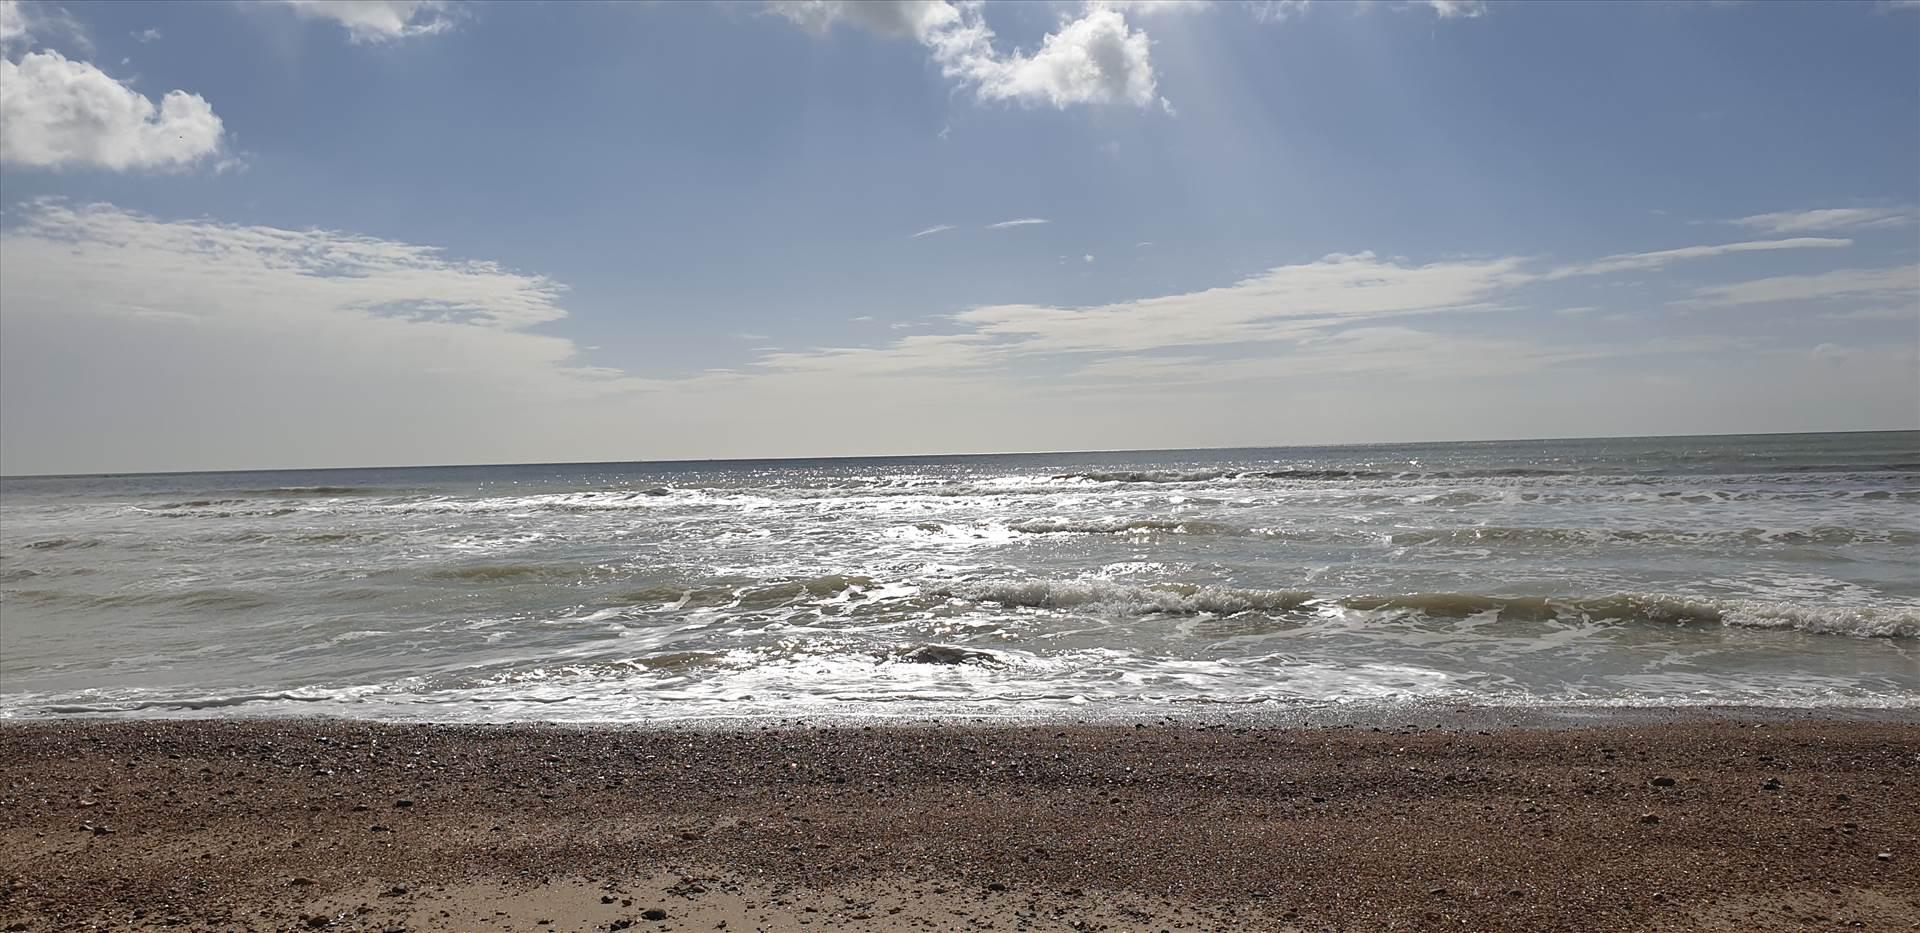 Littlehampton West Beach 18 Mar 2019.jpg  by Mo